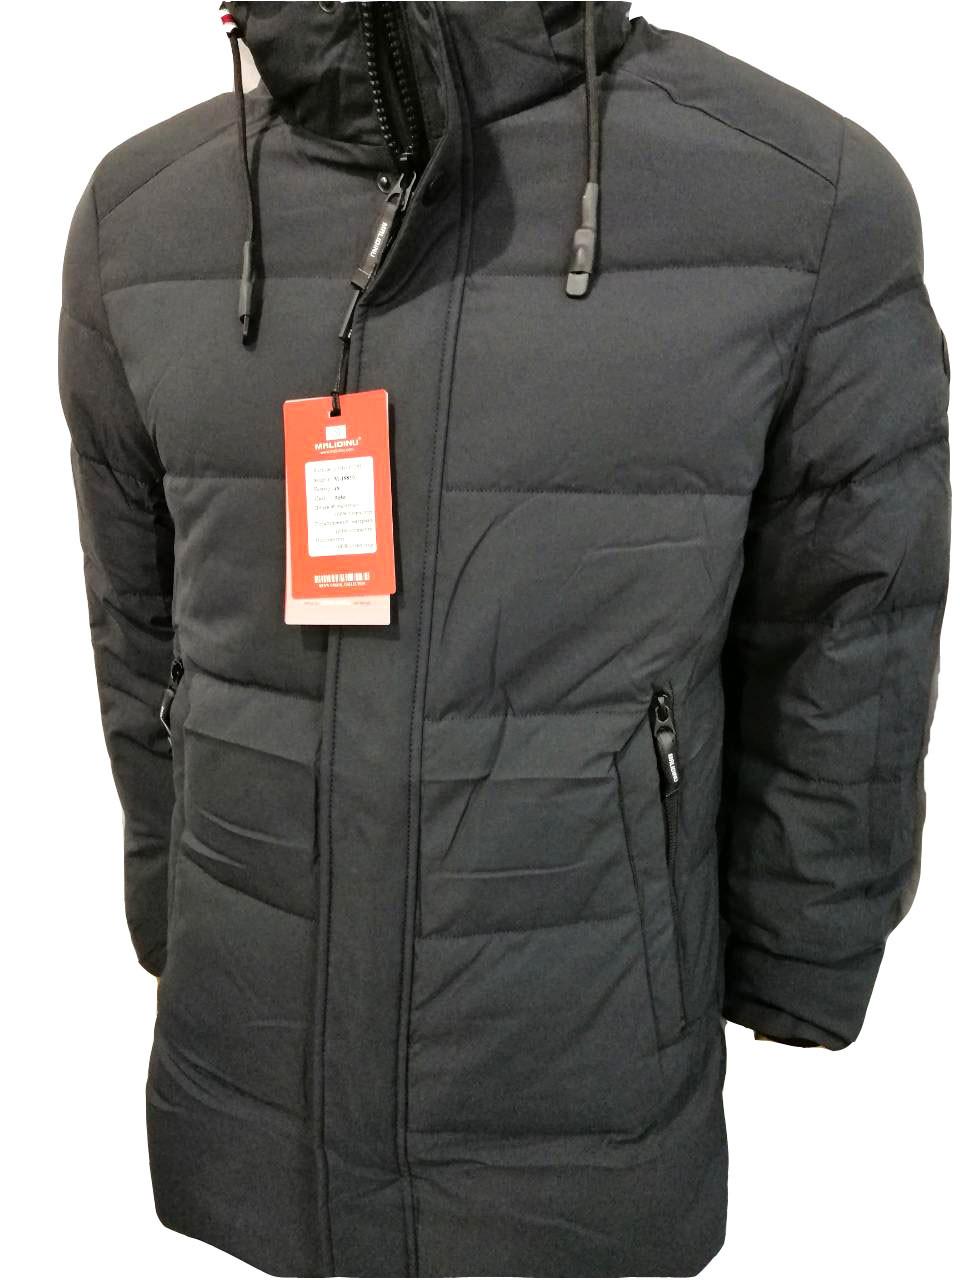 Куртка мужская зимняя Malidinu на синтепоне Модель 18810 фирмы Малидину Серая